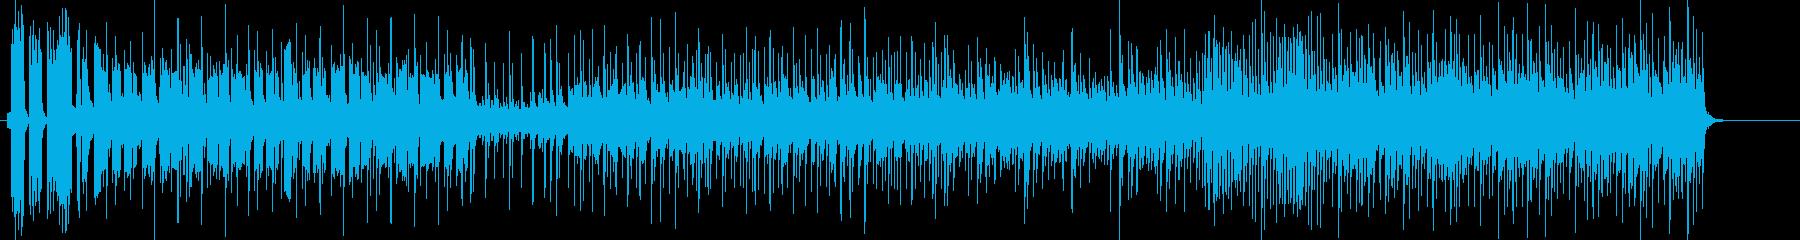 結果発表にぴったりのジングル+BGMの再生済みの波形